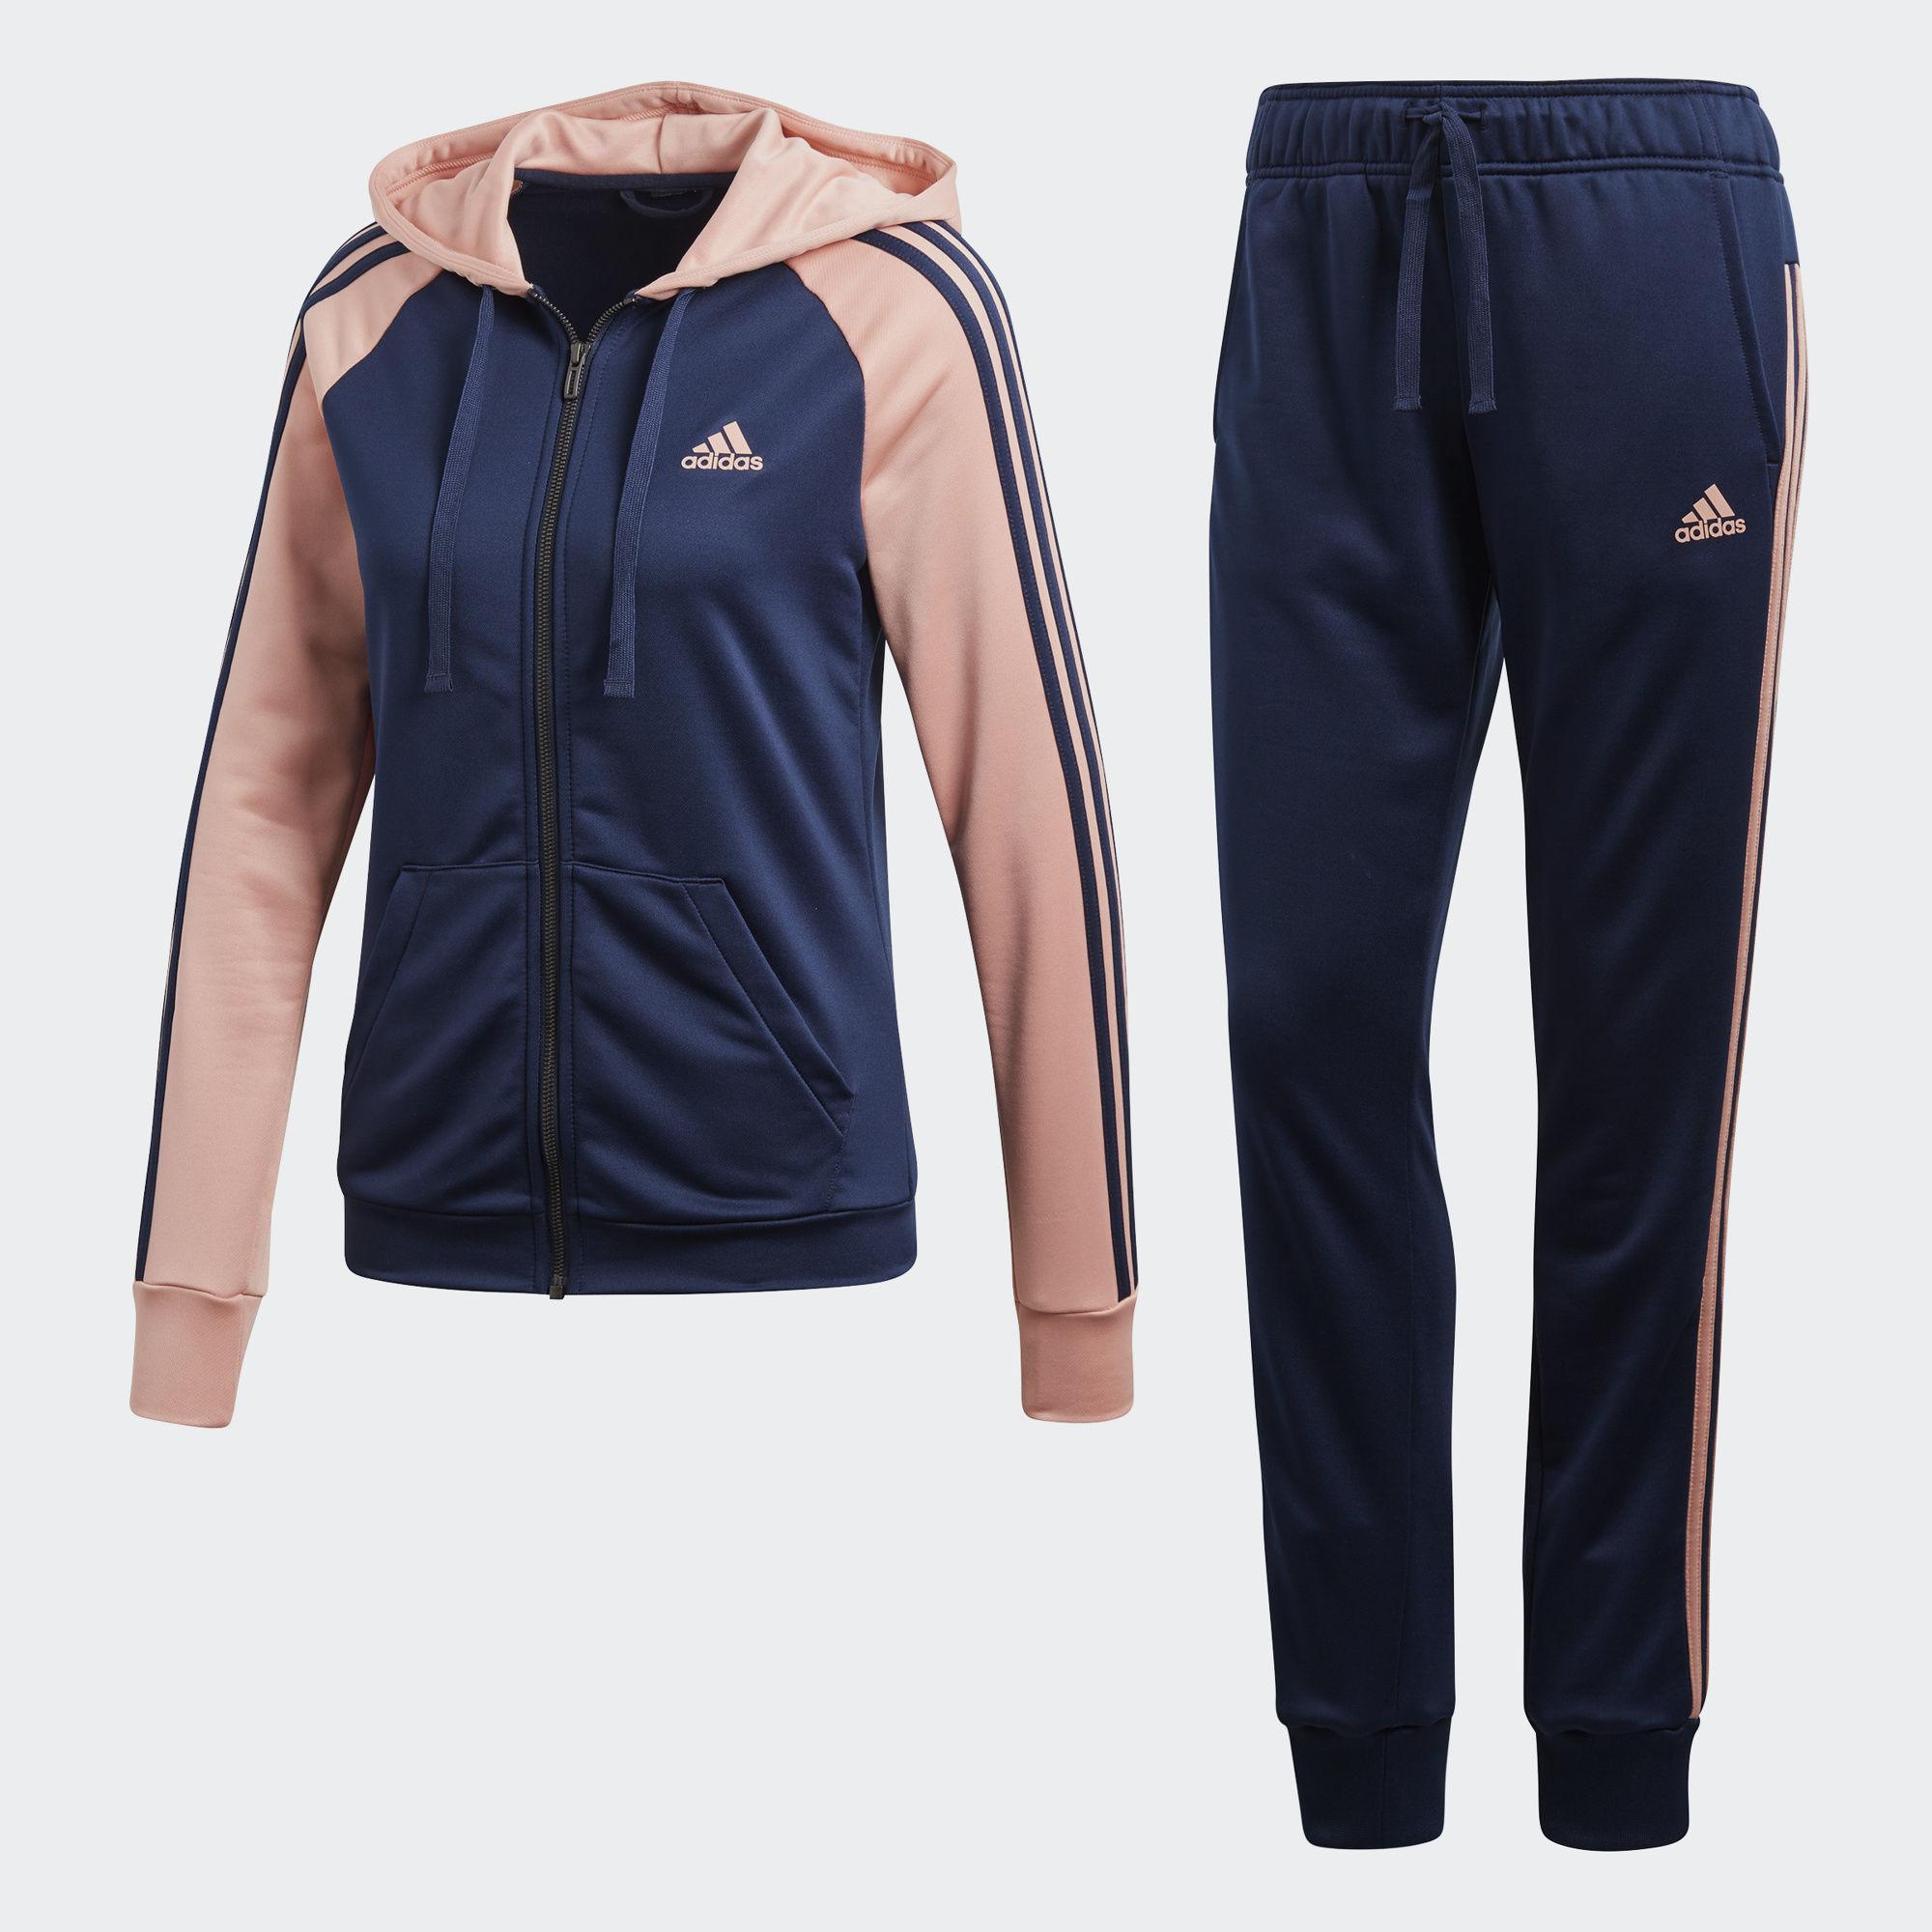 Спортивный костюм женский adidas Re-Focus Ts, цвет: синий, розовый. CE6793. Размер XXS (38)CE6793Женский спортивный костюм от adidas включает в себя толстовку и спортивные брюки. Толстовка с длинными рукавами и капюшоном застегивается спереди на молнию. Модель дополнена двумя прорезными карманами спереди. Манжеты дополнены широкой эластичной резинкой. Спортивные брюки имеют широкую эластичную резинку на поясе. По бокам - врезные карманы. Низ штанин дополнен мягкими манжетами.